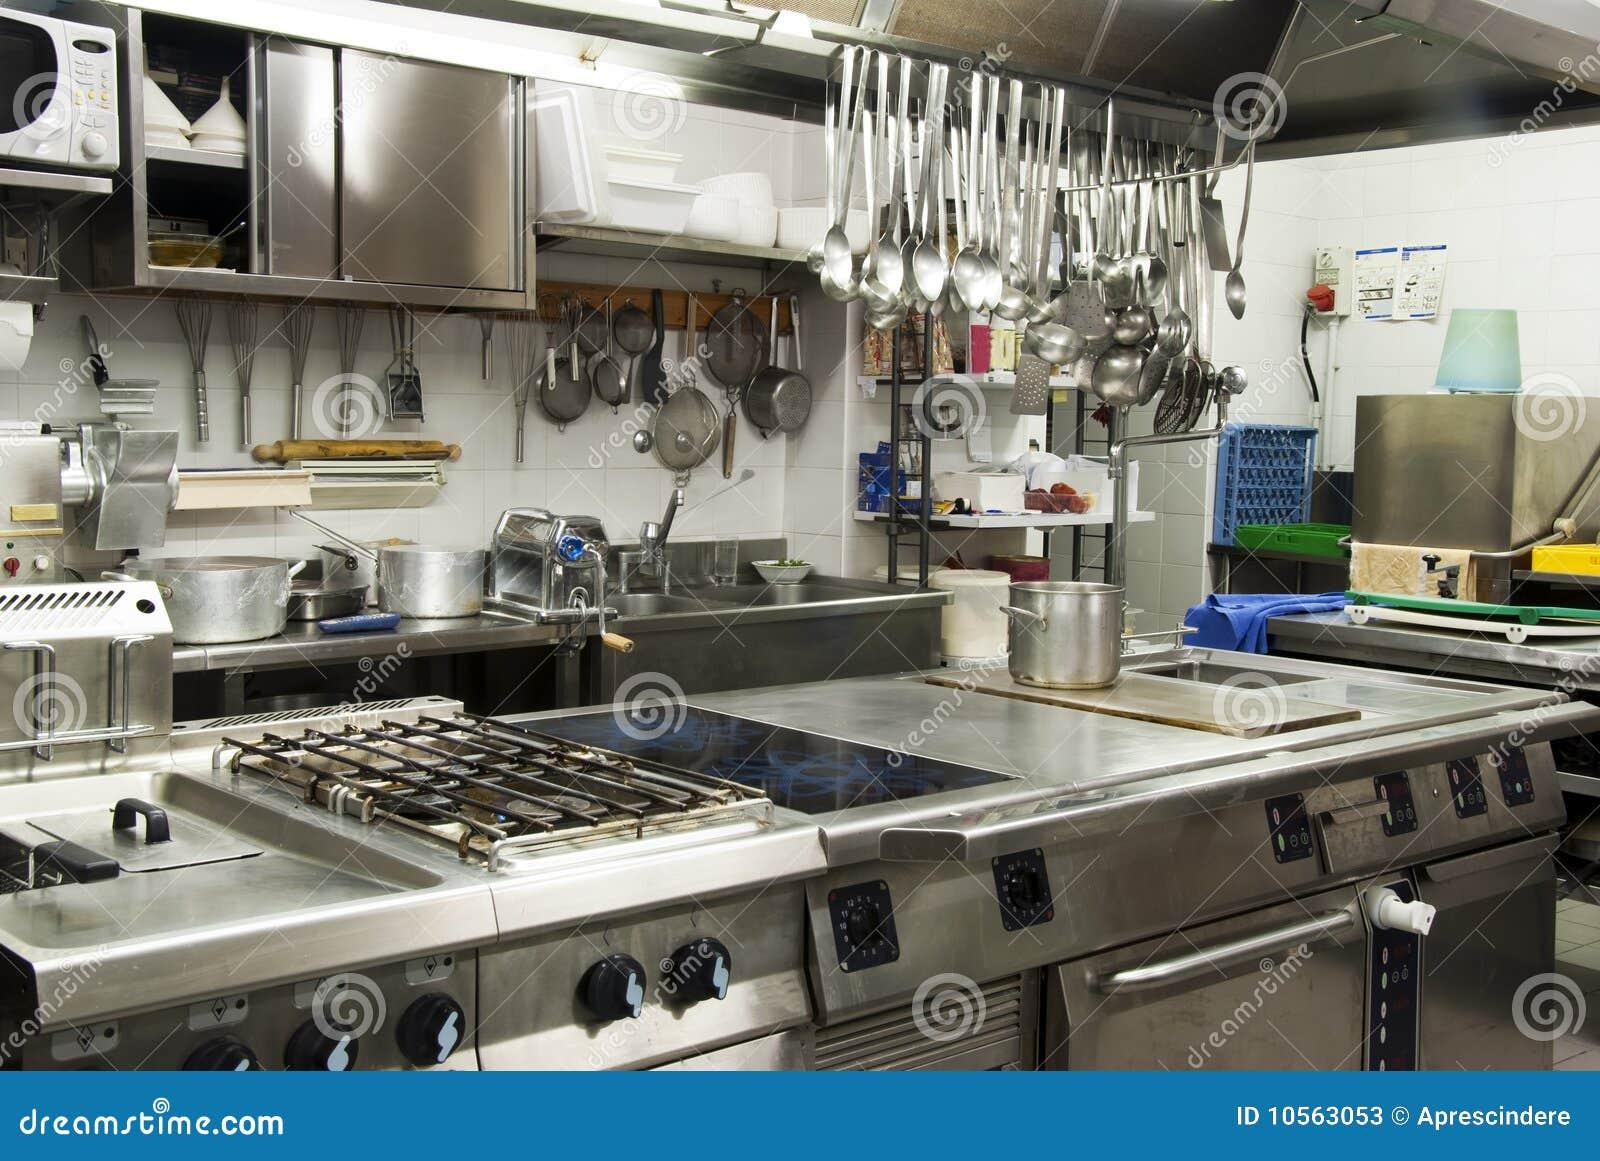 how to take professional kitchen photos